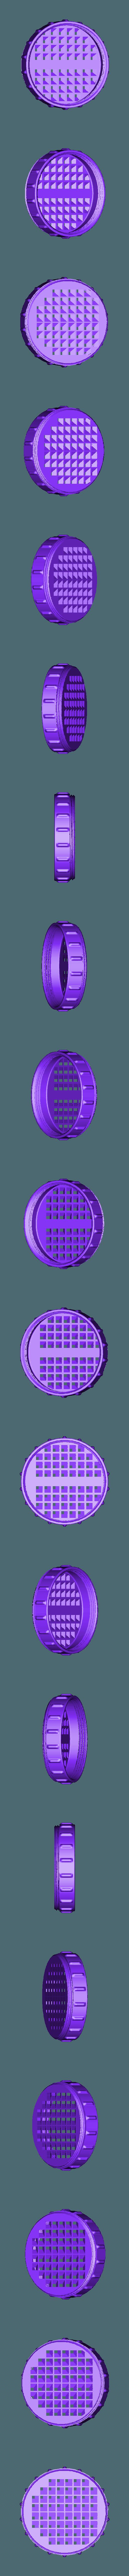 Rub_Grate.stl Télécharger fichier STL gratuit Agitateur de frottement/épices • Design imprimable en 3D, Oggie